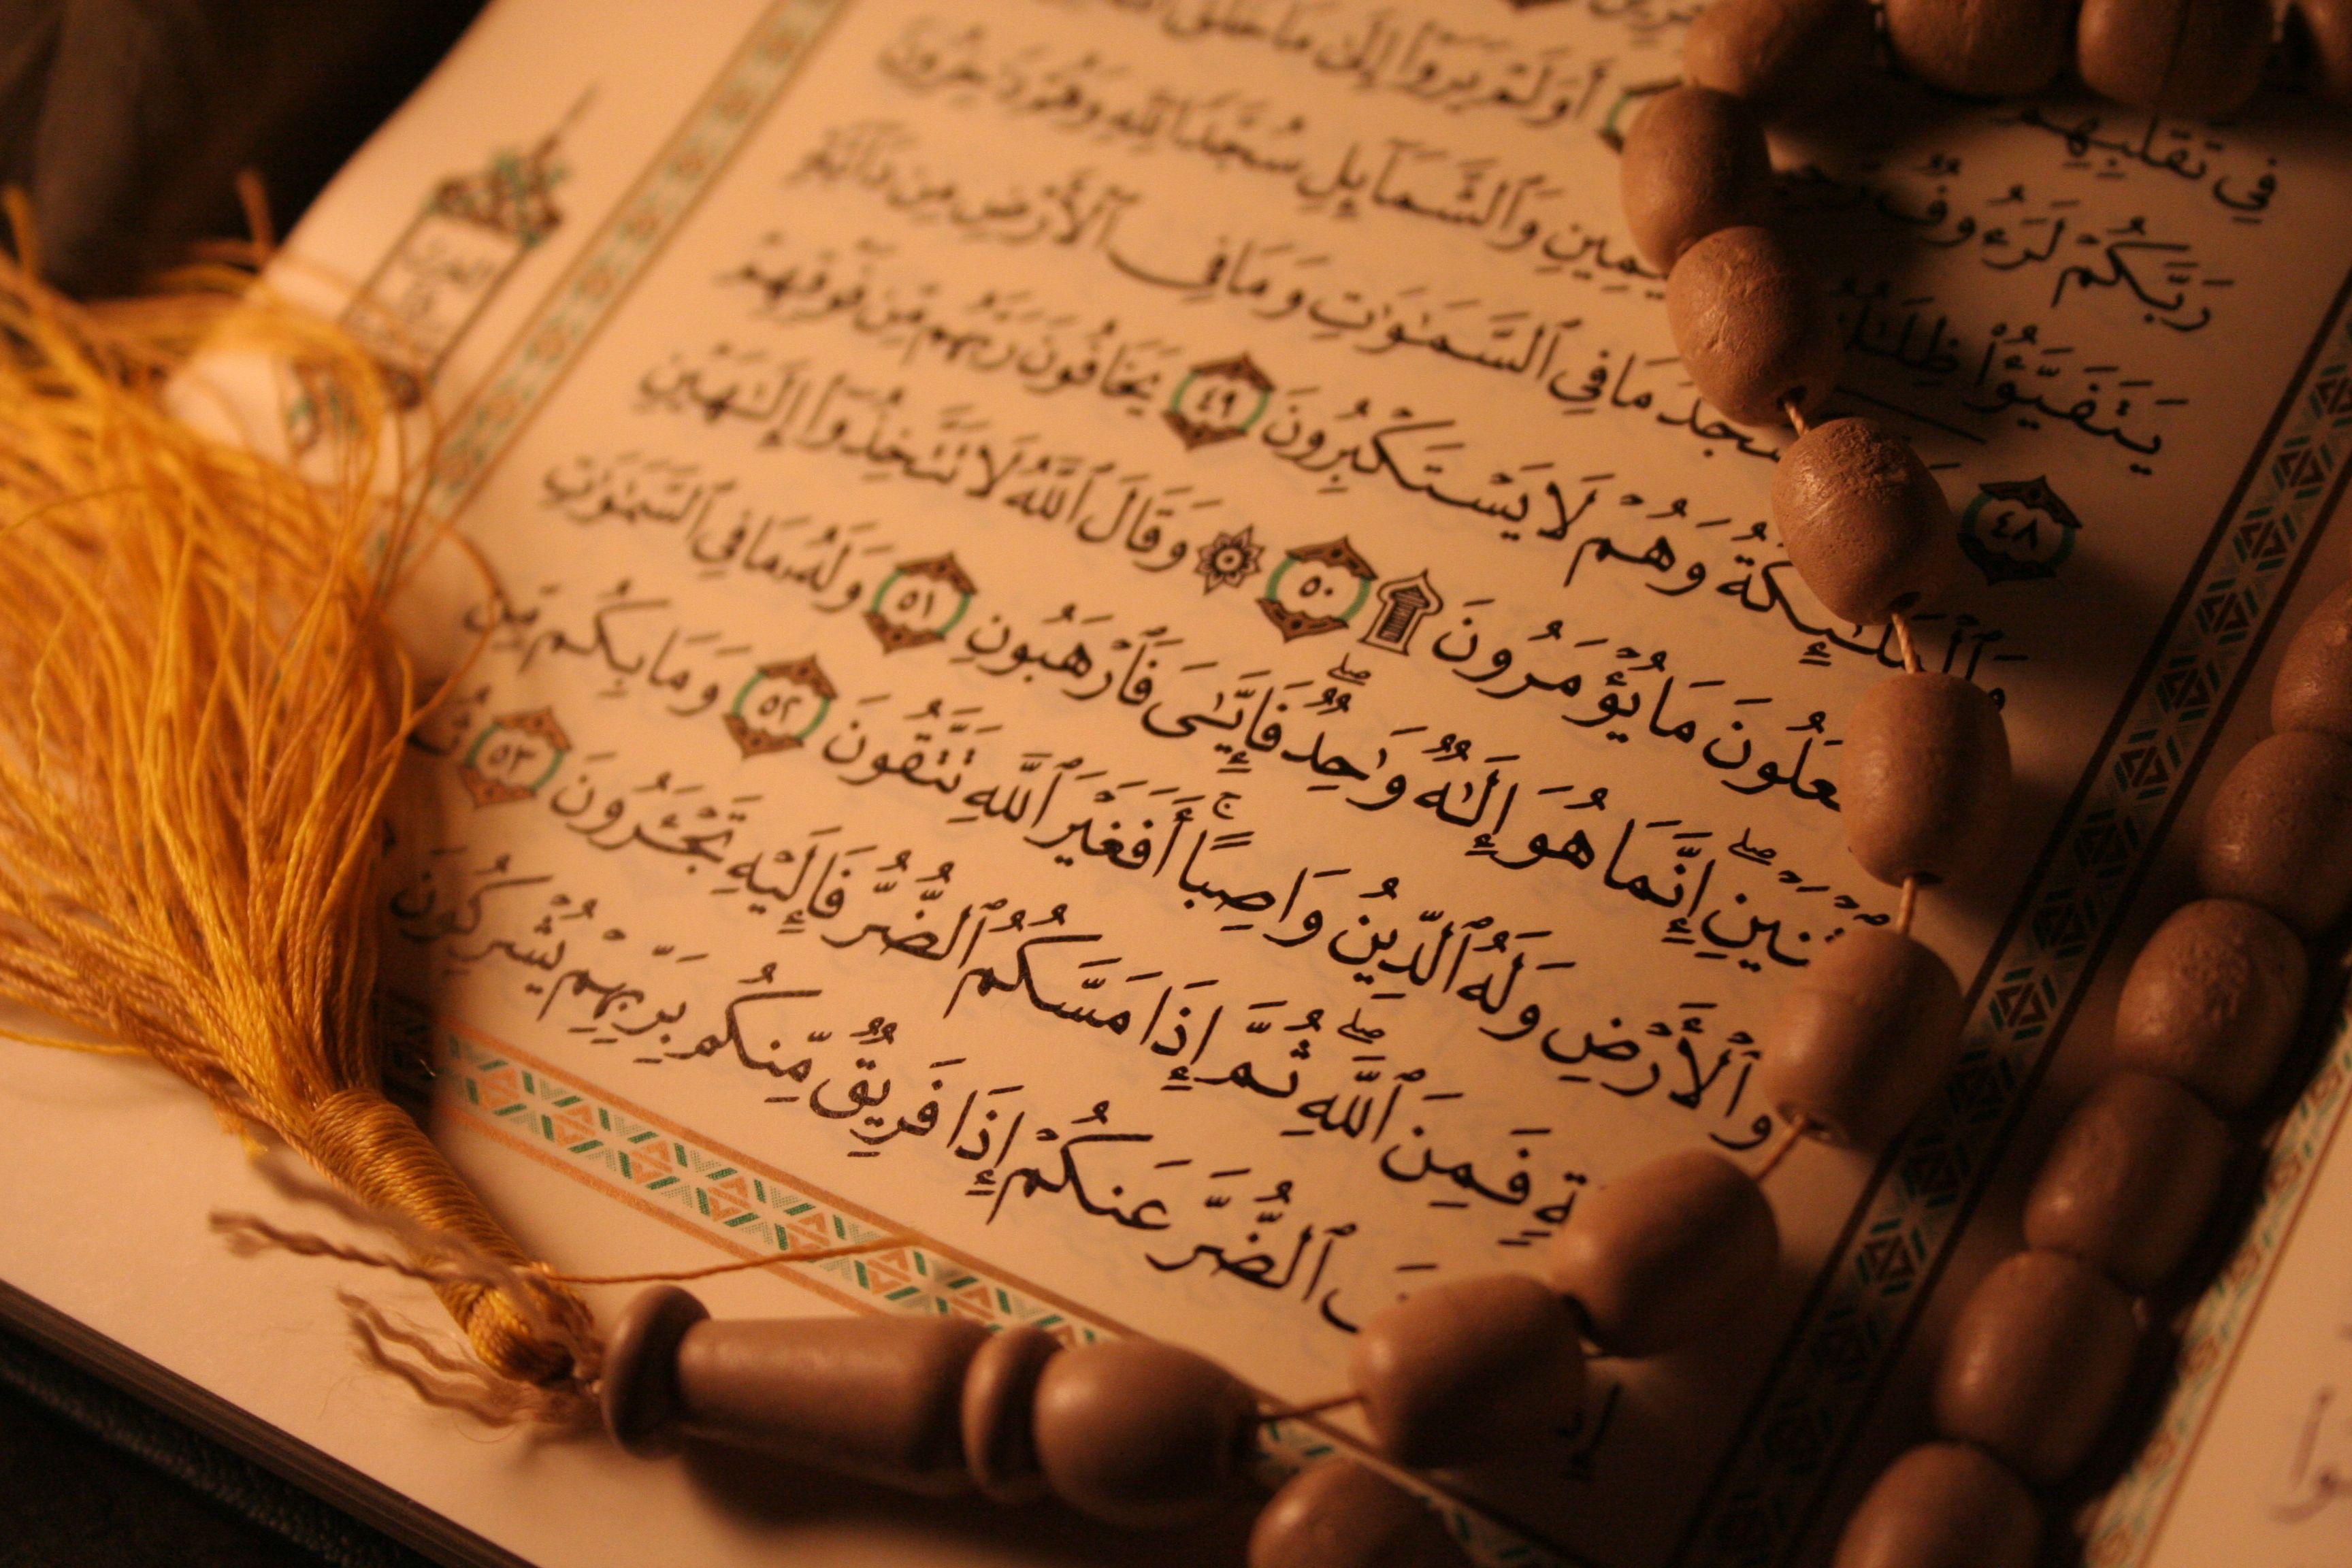 عقاید دیگران از نظر اسلام